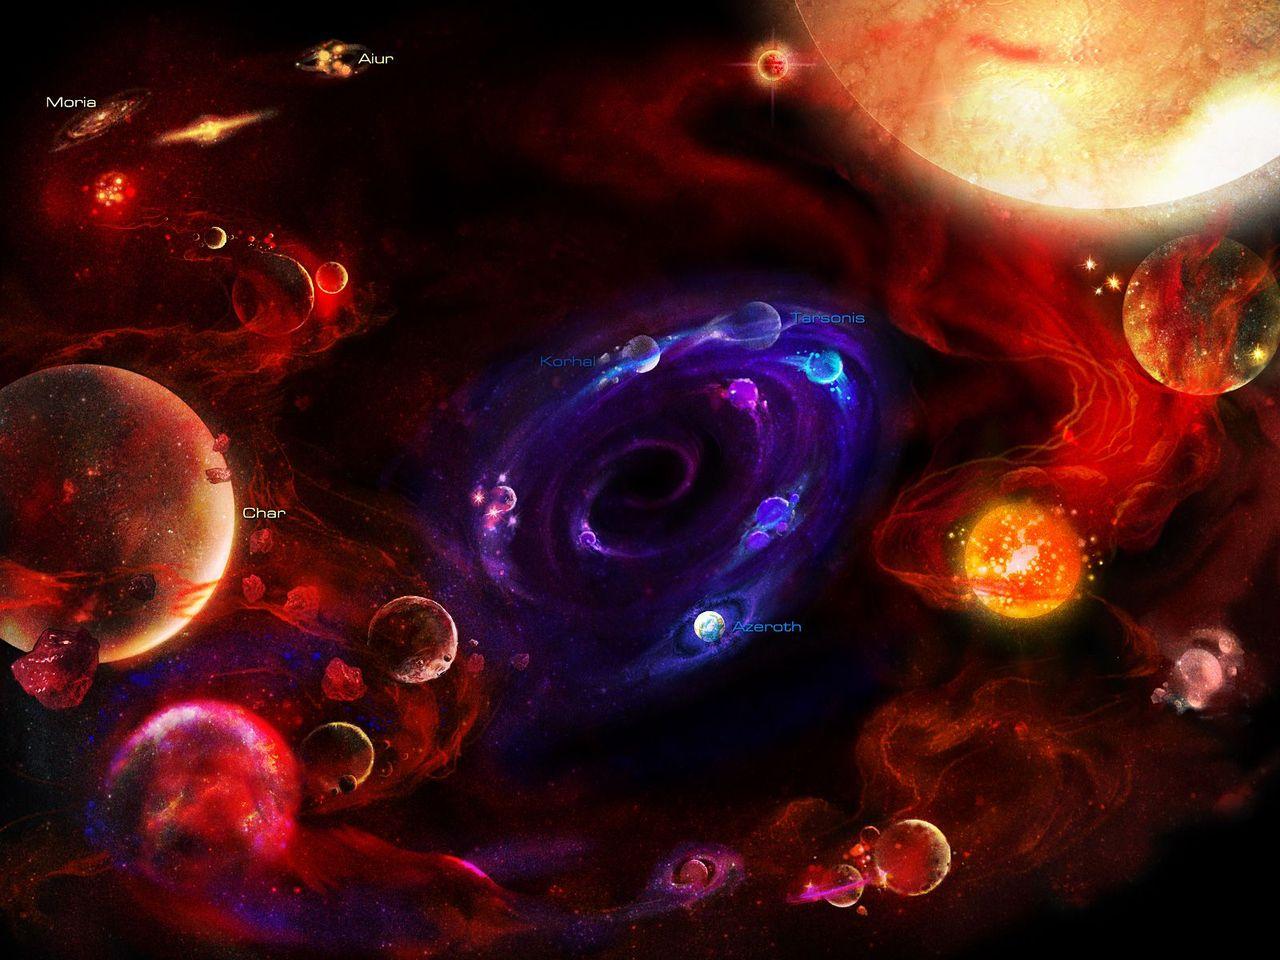 http://xgm.guru/p/sc2/planets